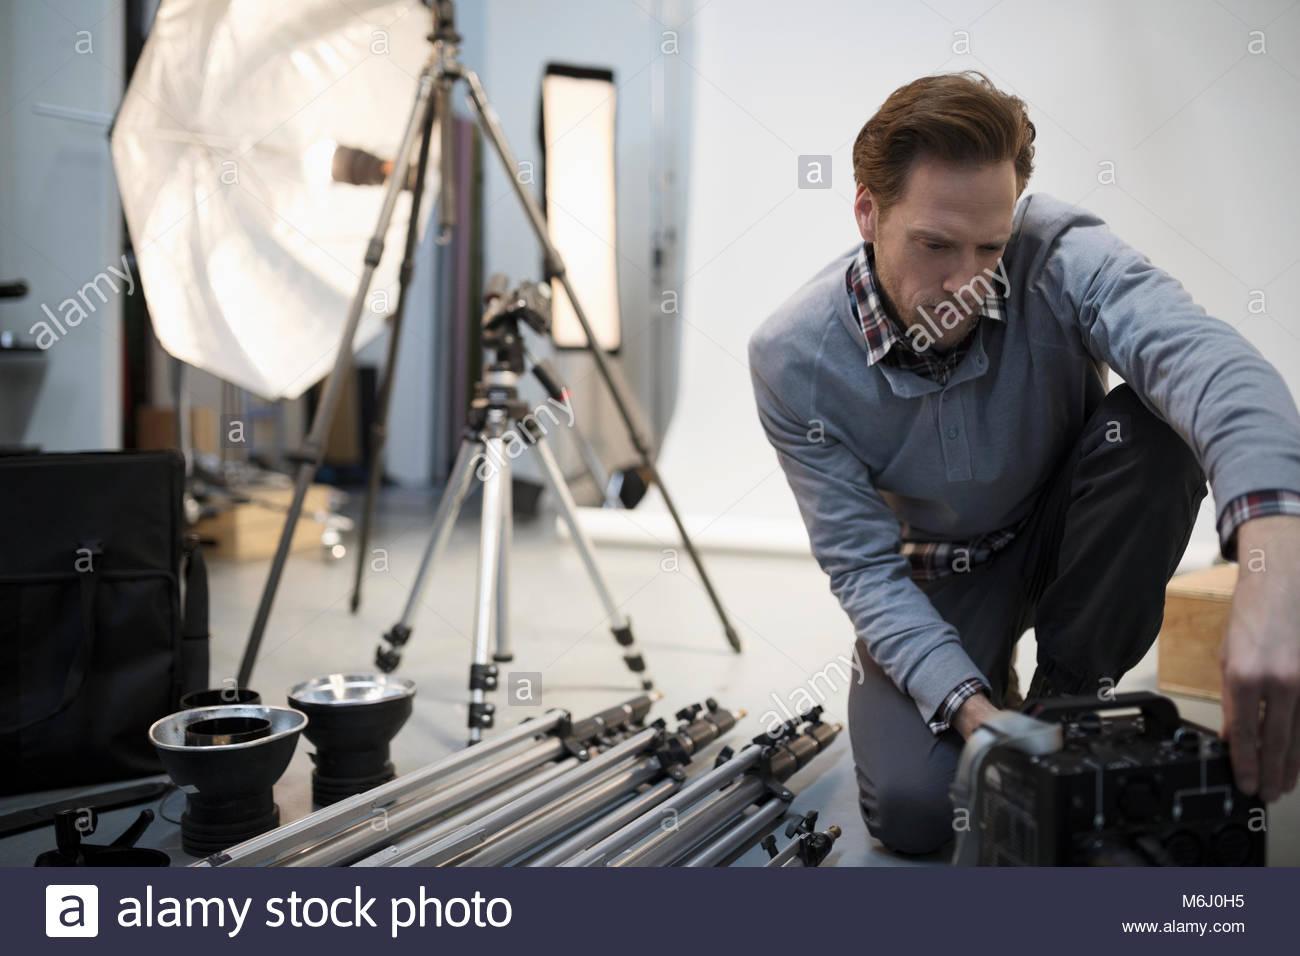 Fotógrafo masculino preparar el equipo para fotos en estudio Imagen De Stock